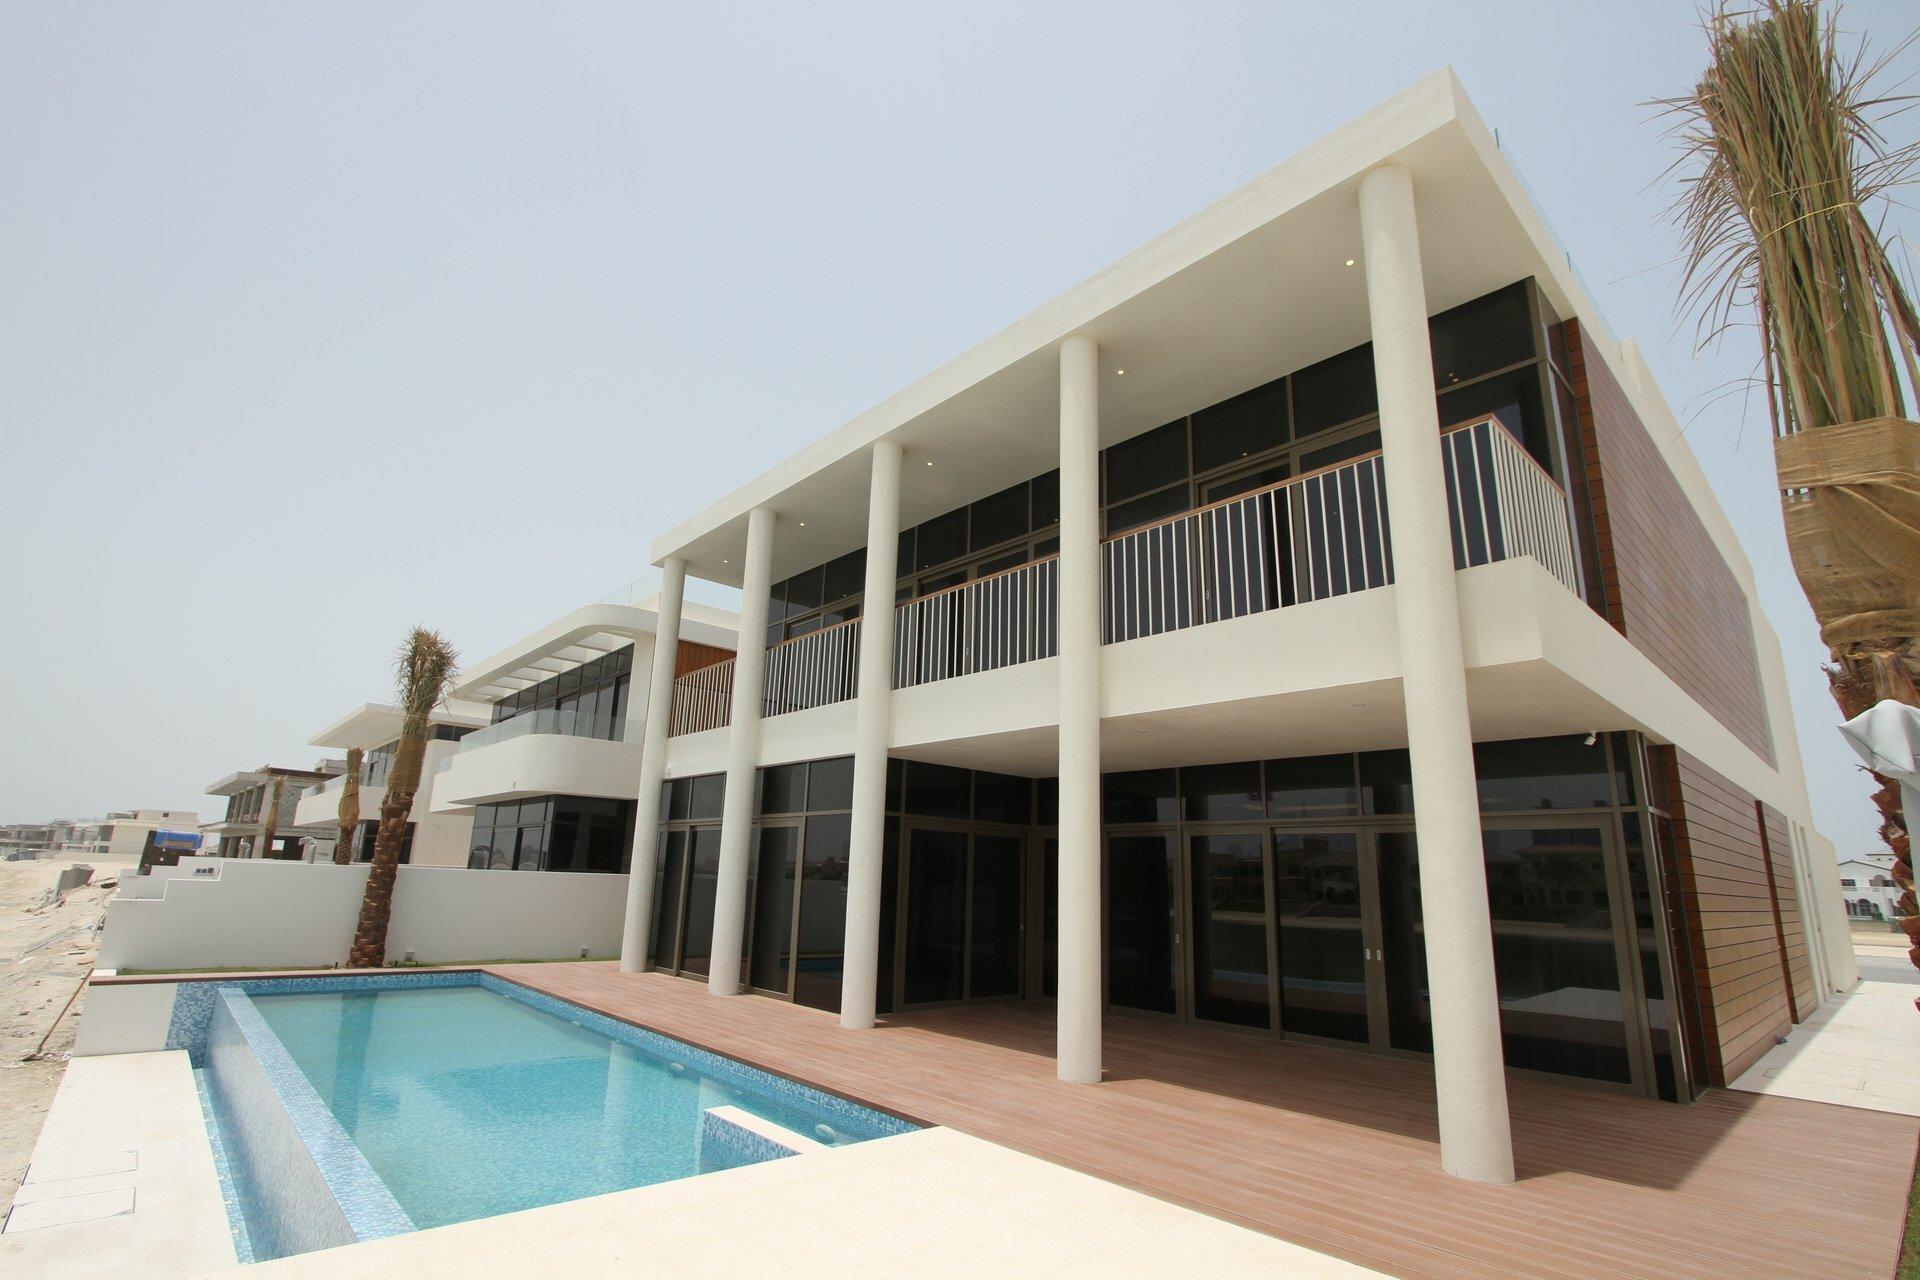 Villa in Dubai, Dubai, United Arab Emirates 1 - 11069022